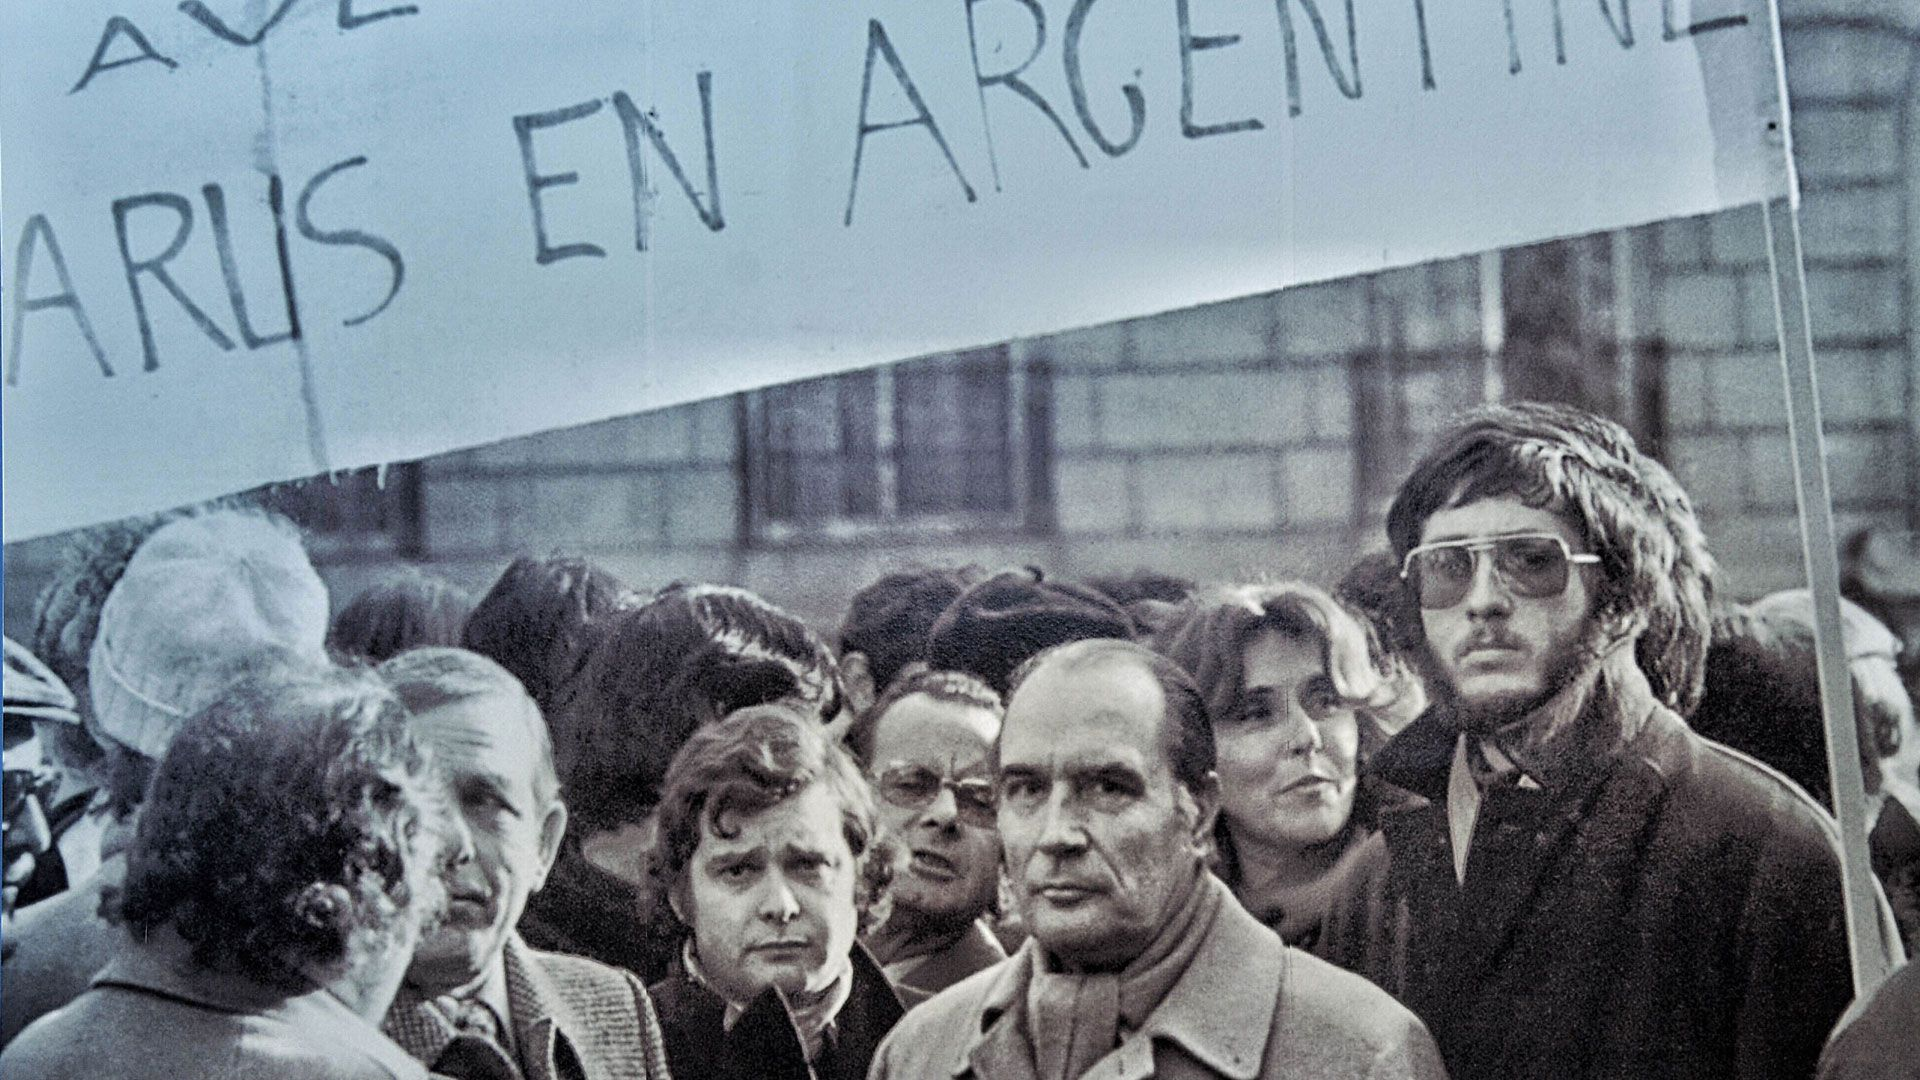 Manifestación frente a la Embajada argentina en París en reclamo por los desaparecidos. El socialista François Mitterrand, que en 1981 sería electo presidente, estaba presente. El Partido Comunista francés era reticente.